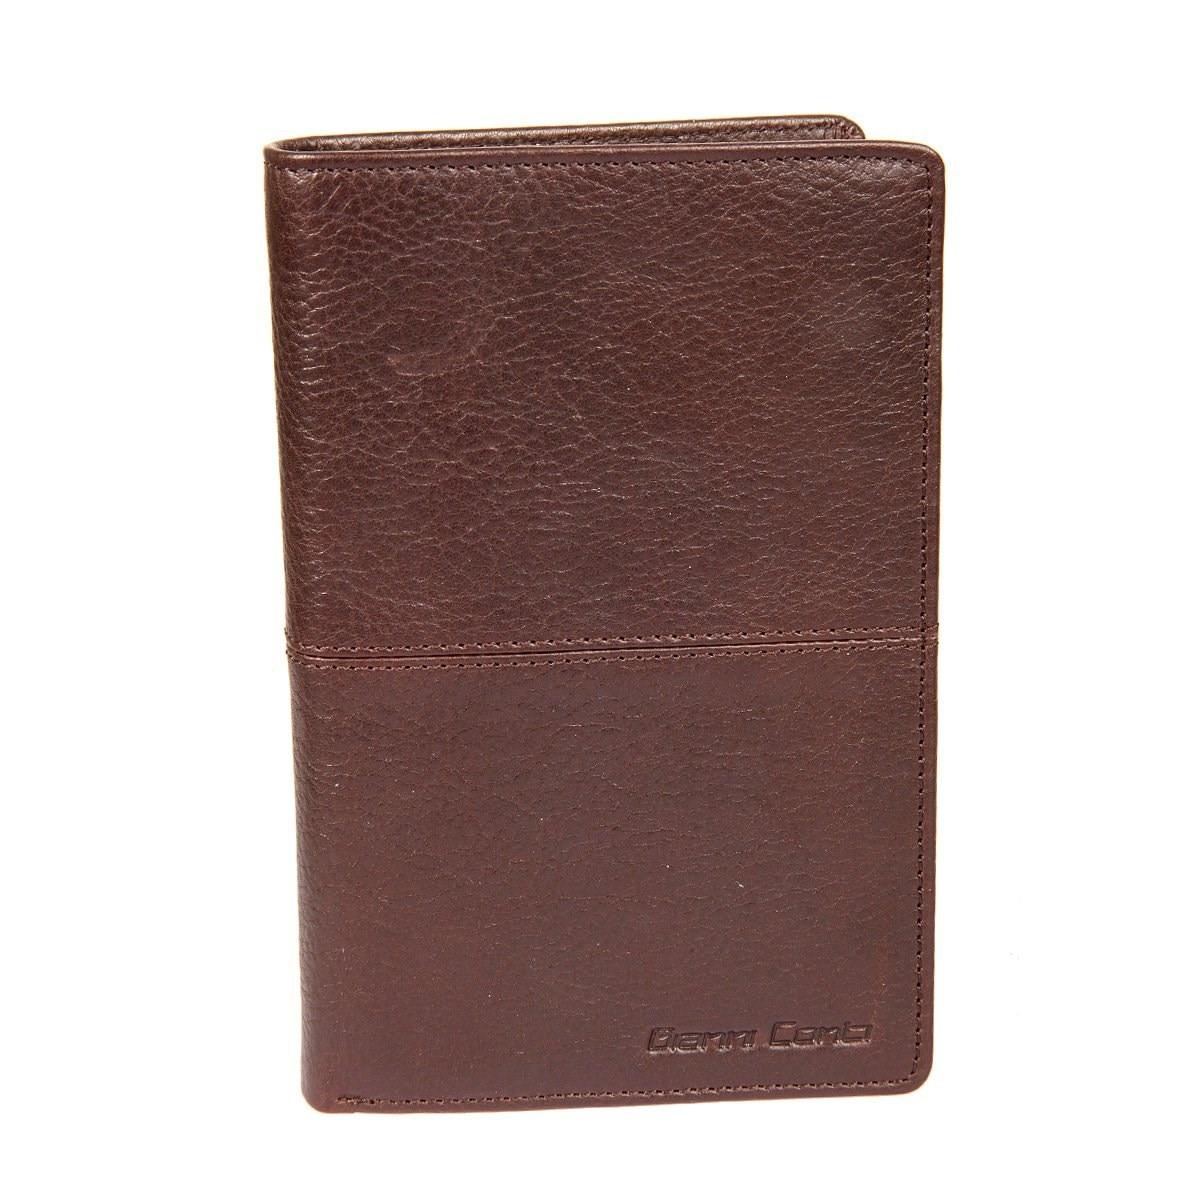 Coin Purse Gianni Conti 1138028 dark brown coin purse gianni conti 1138028 dark brown